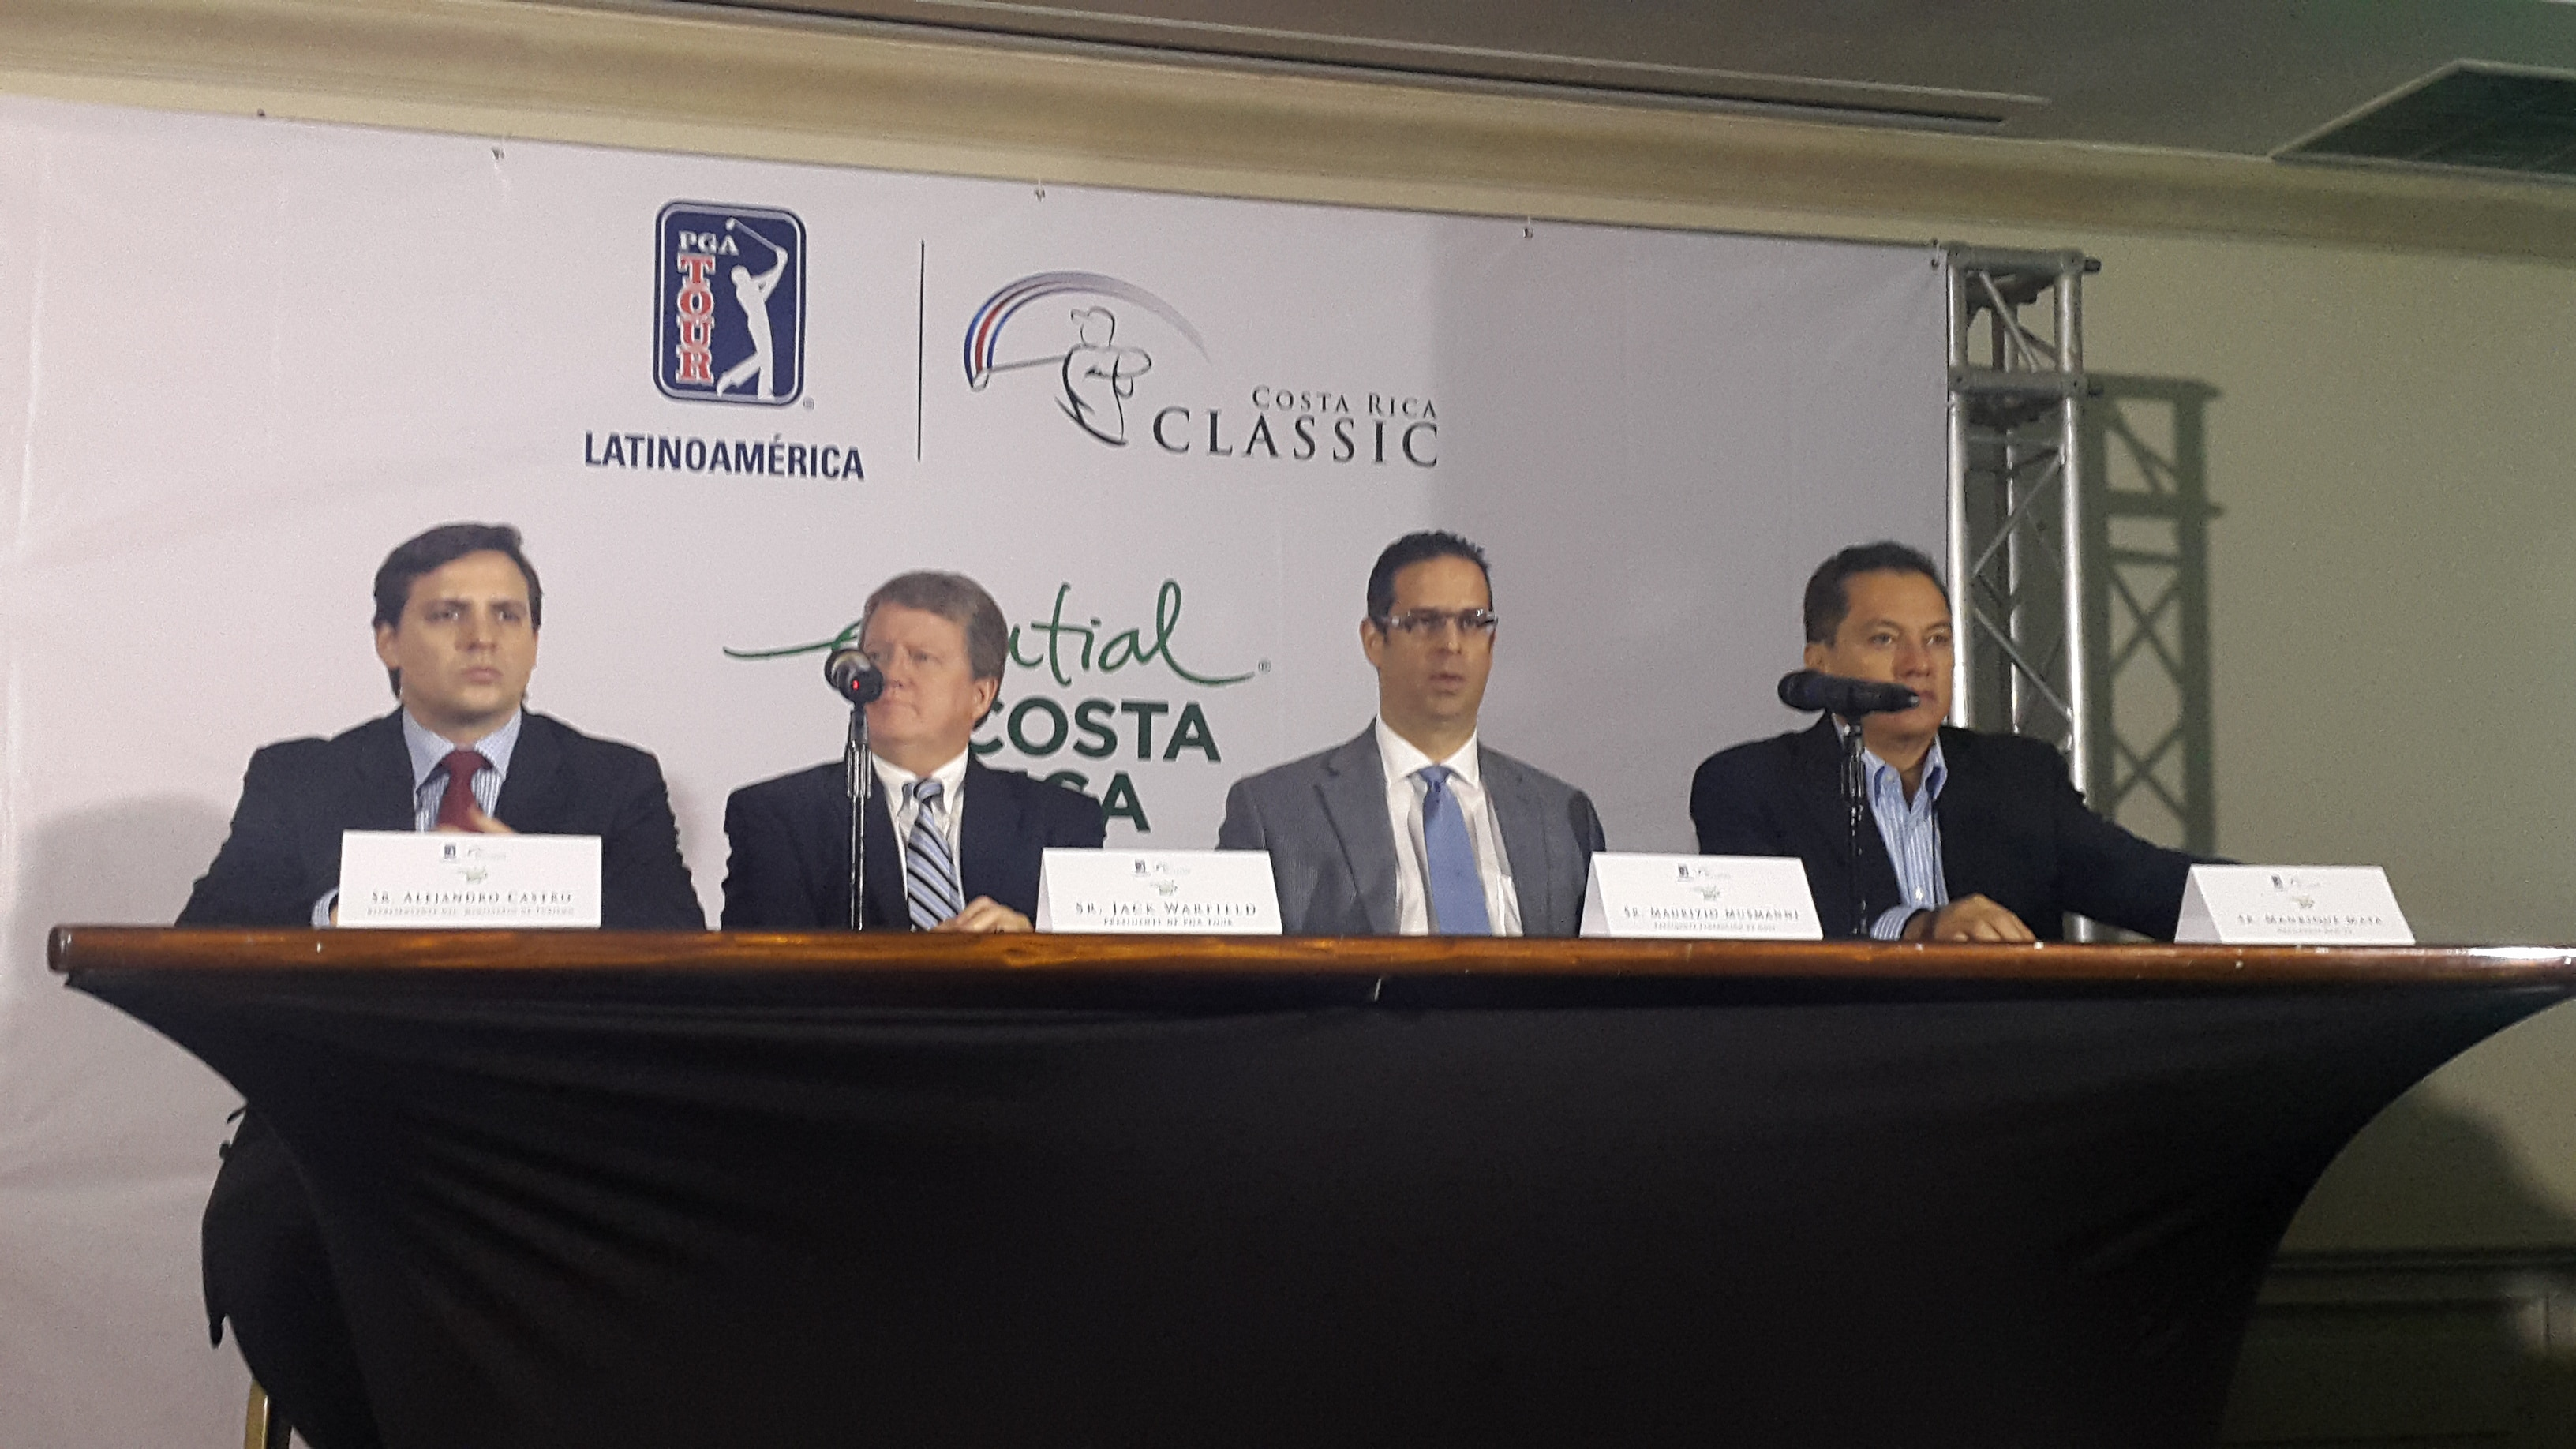 2017 Costa Rica Classic será sede del PGA Tour Latinoamerica